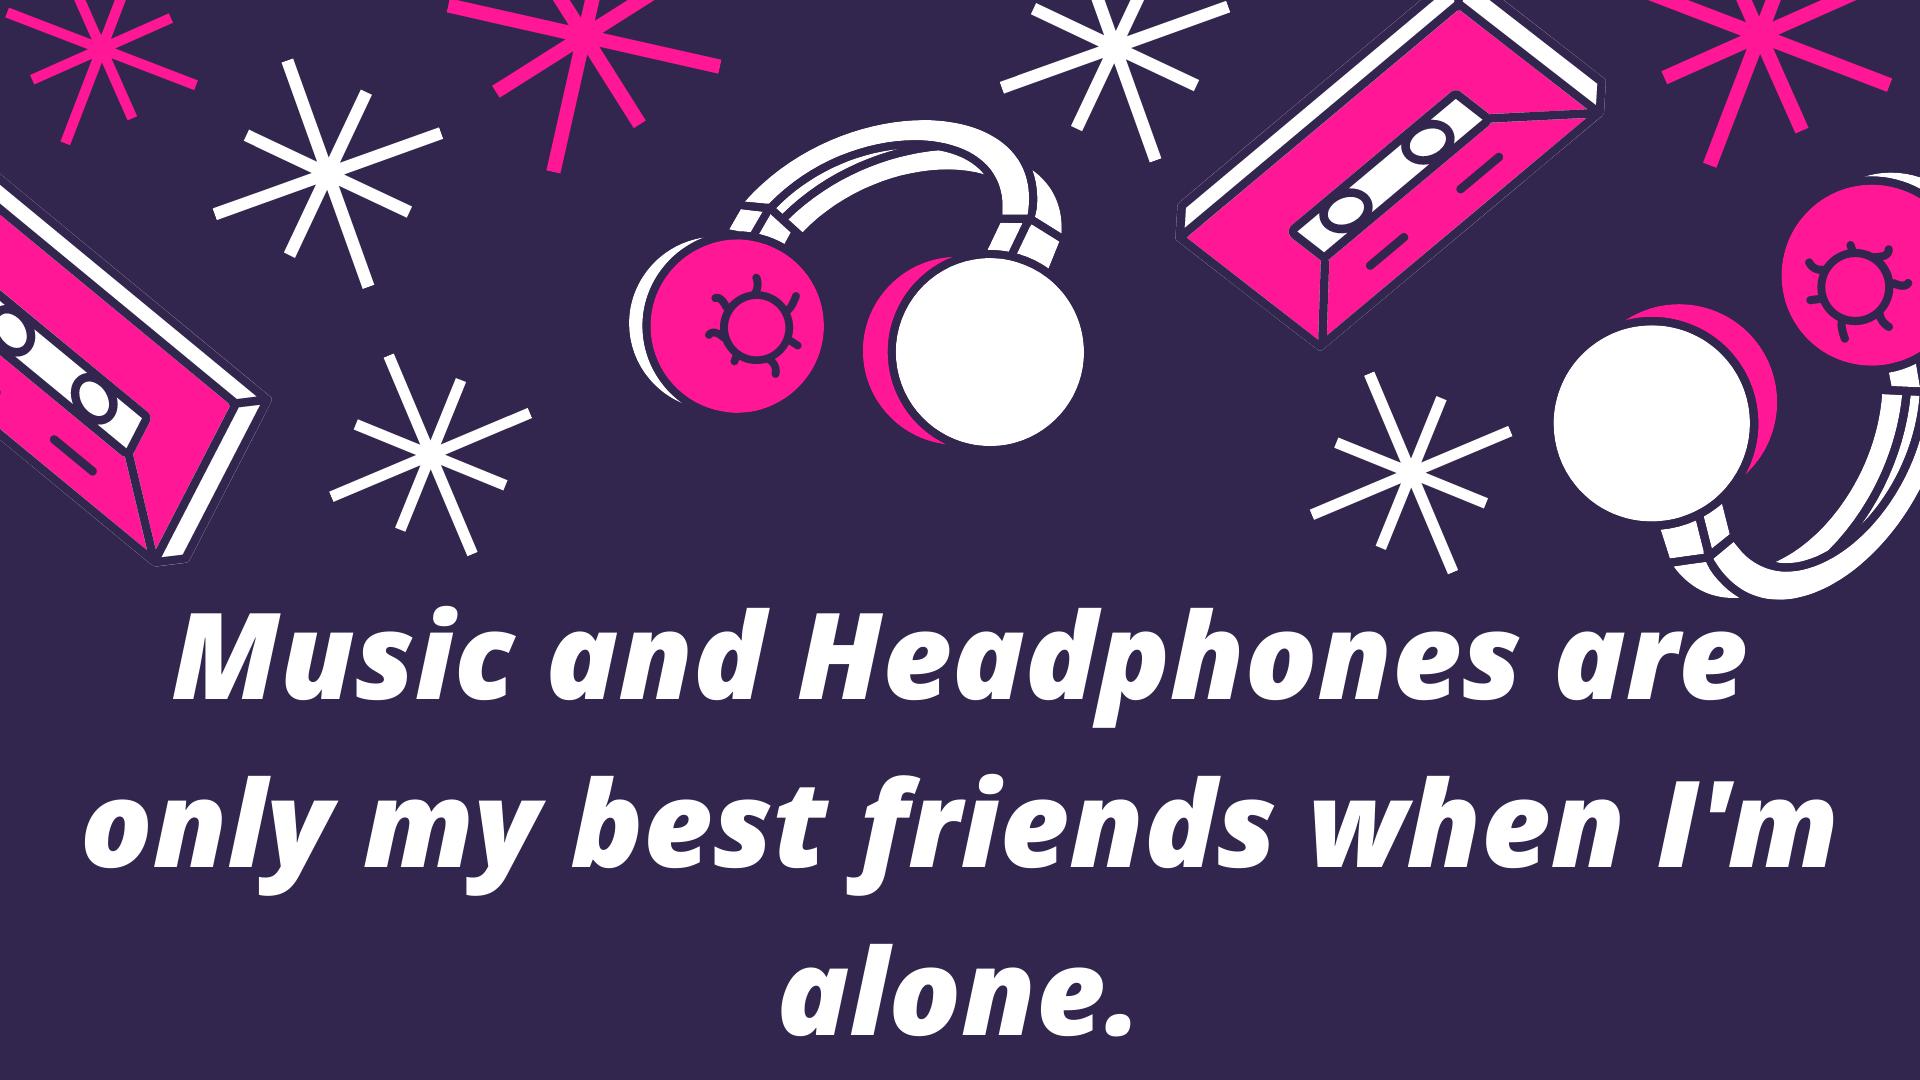 headphones quotes image